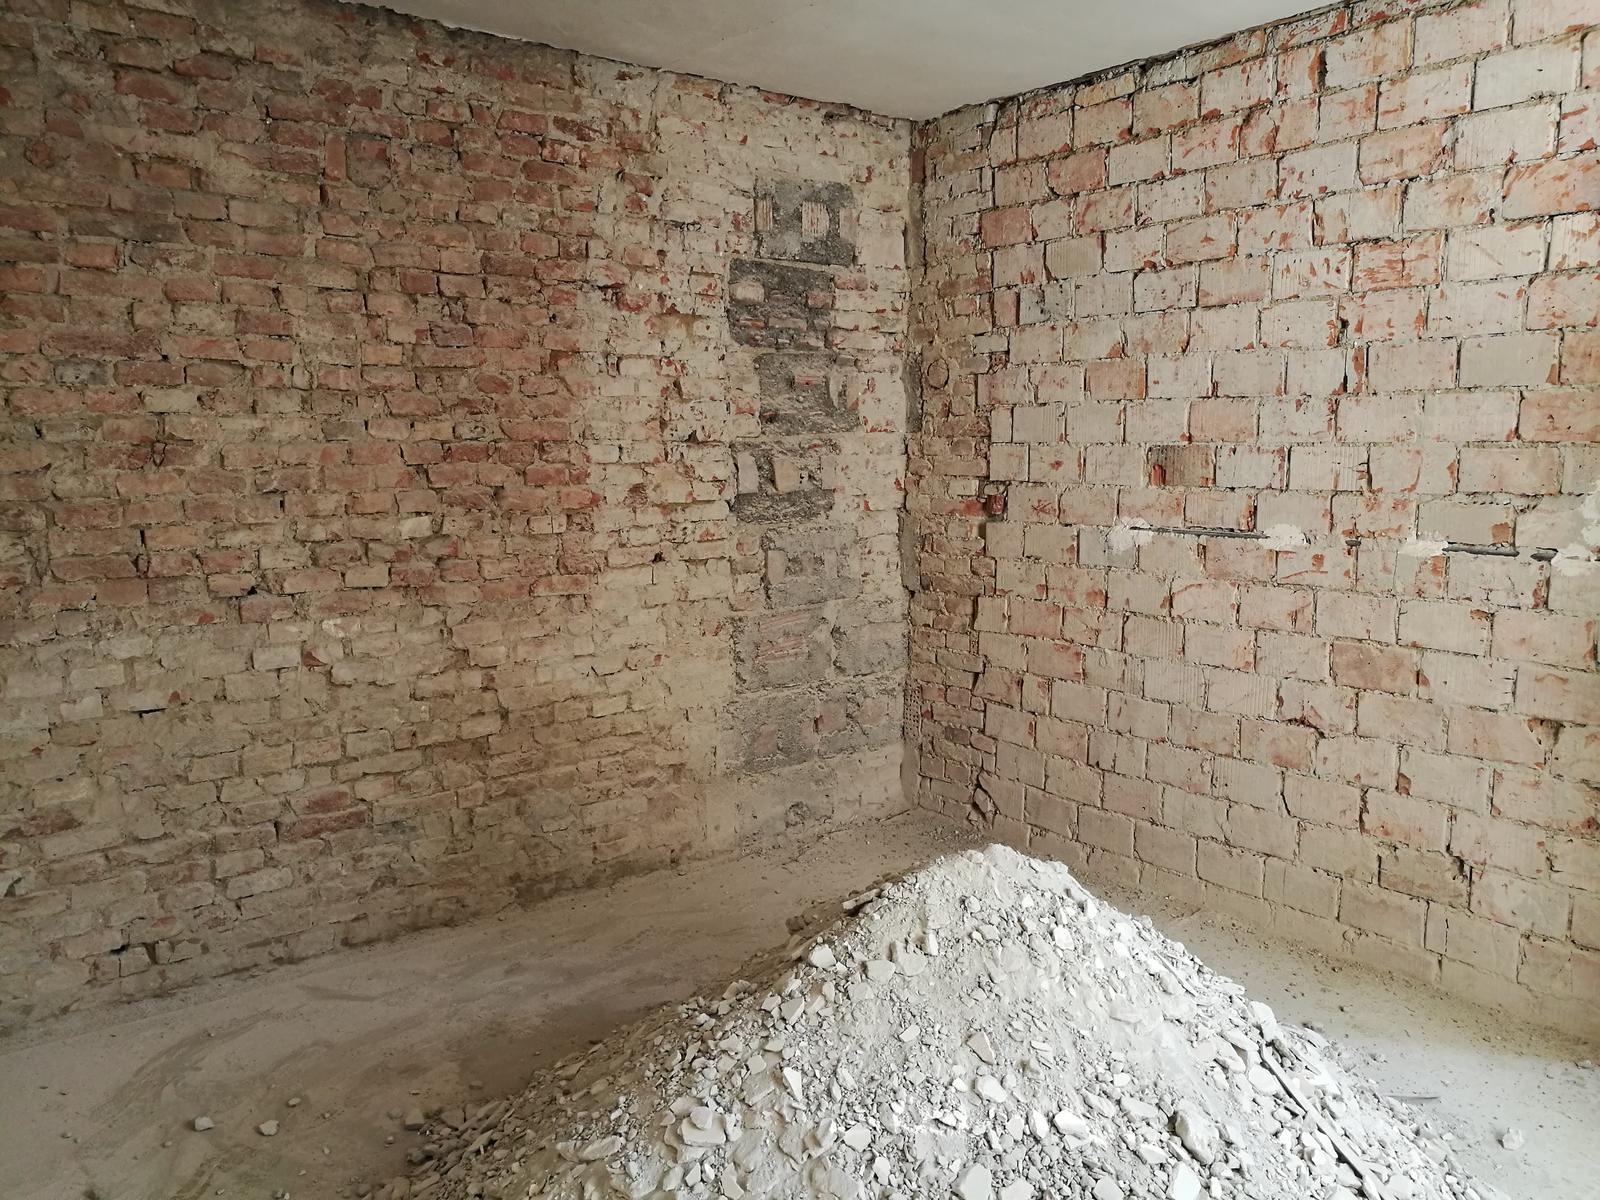 Náš budúci domov - rekonštrukcia rodinného domu - a ďalšia miestnosť olúpaná